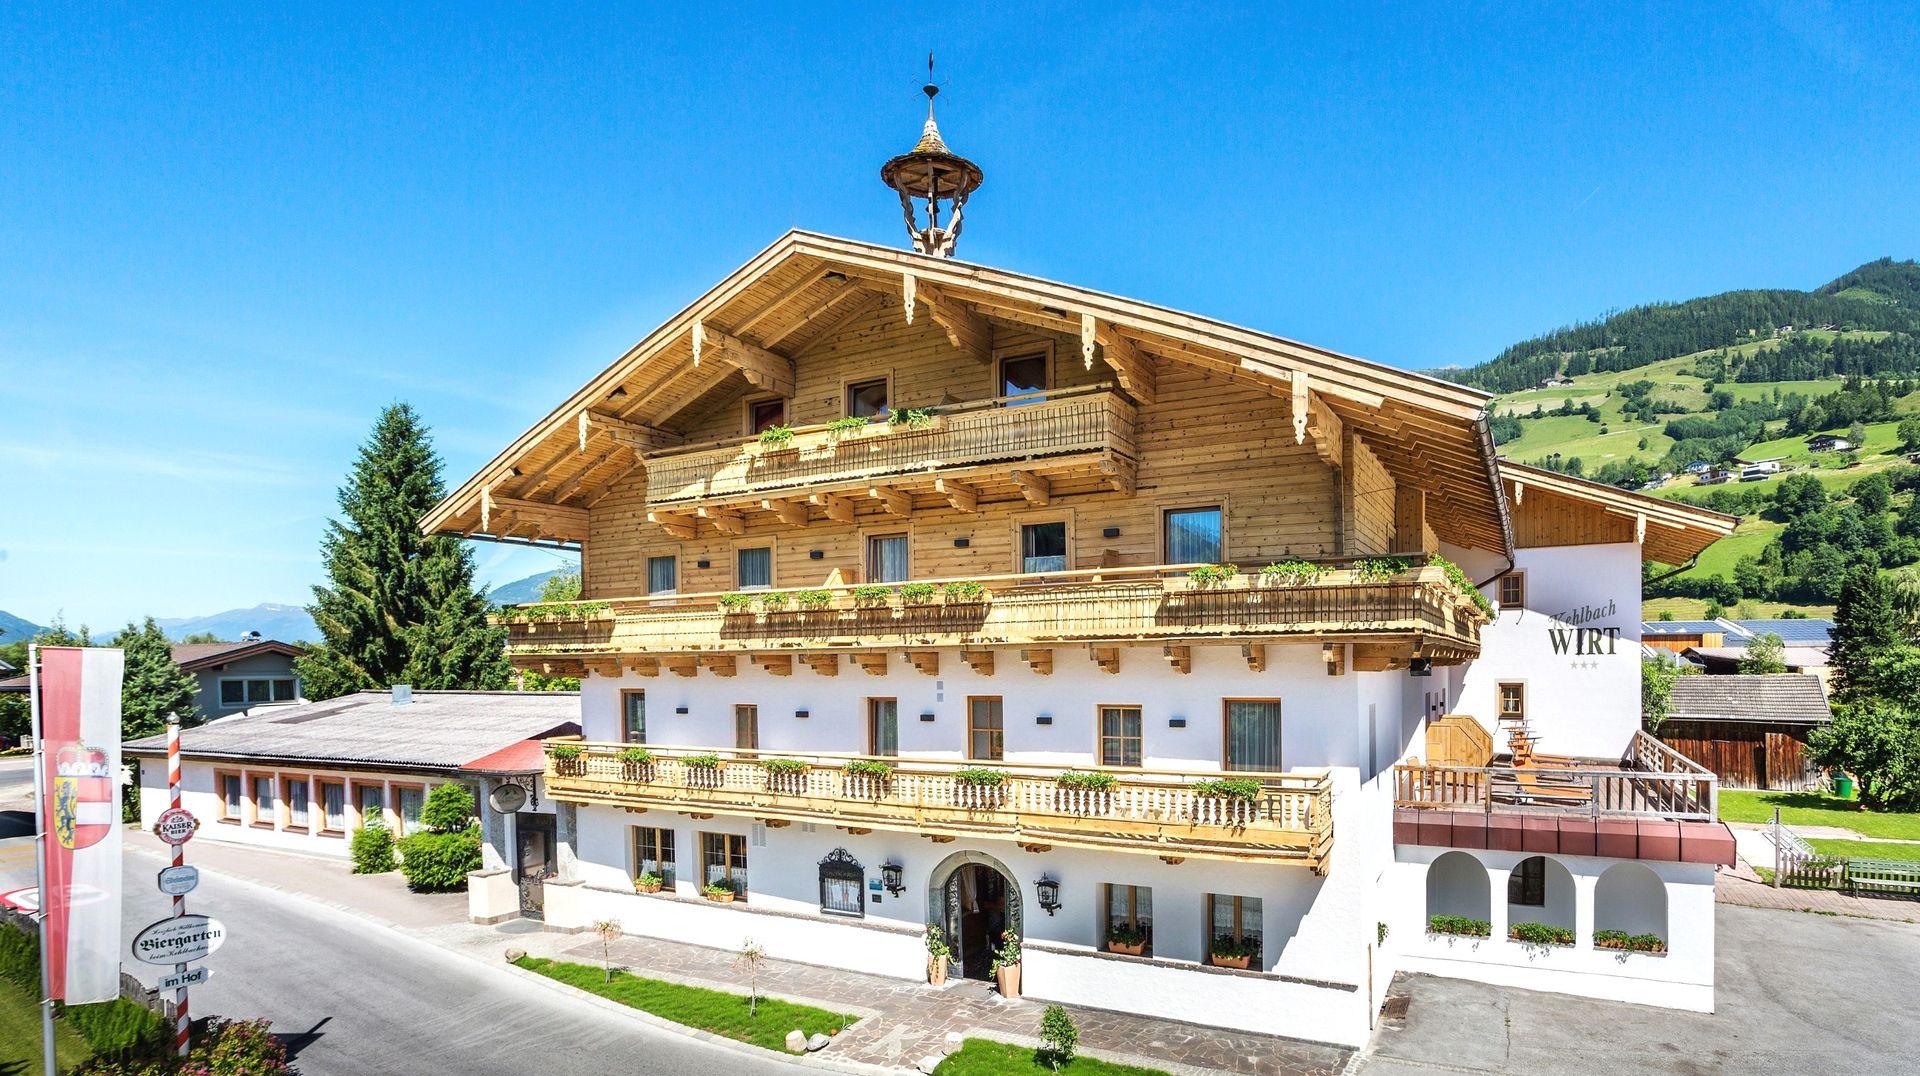 Kaprun - Hotel Kehlbachwirt